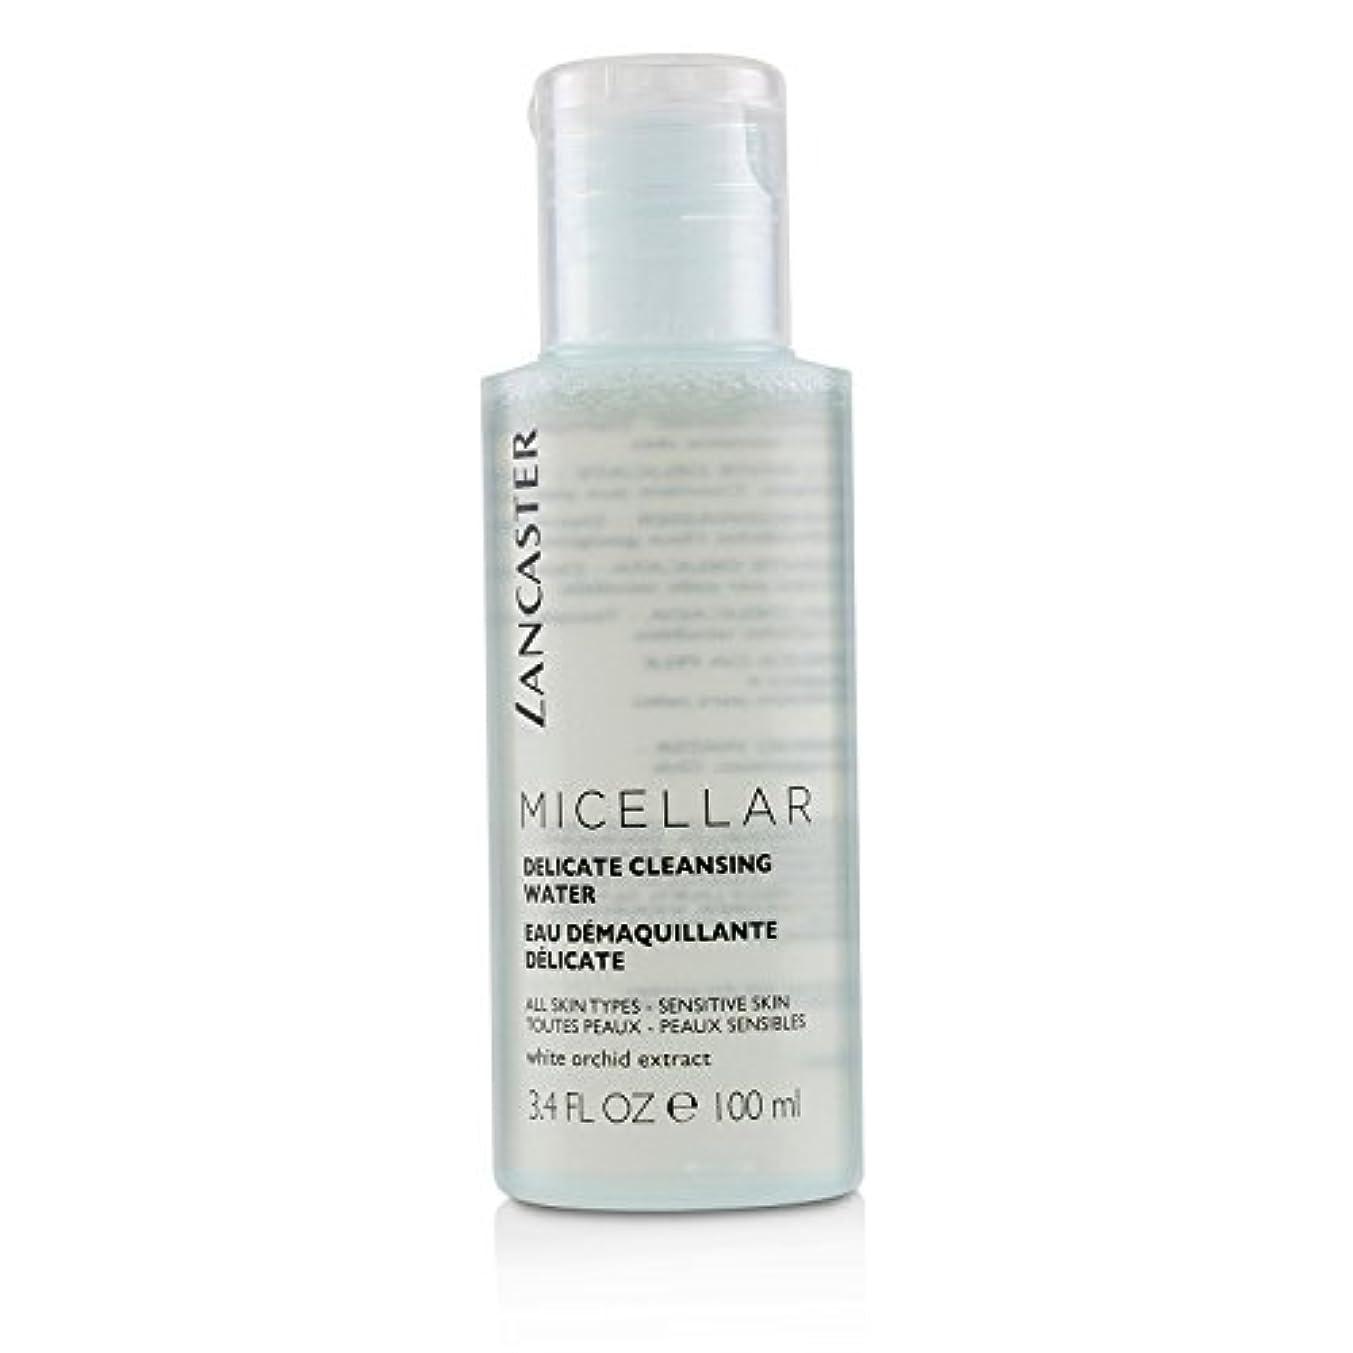 ビルマ足音好戦的なランカスター Micellar Delicate Cleansing Water - All Skin Types, Including Sensitive Skin 100ml/3.4oz並行輸入品